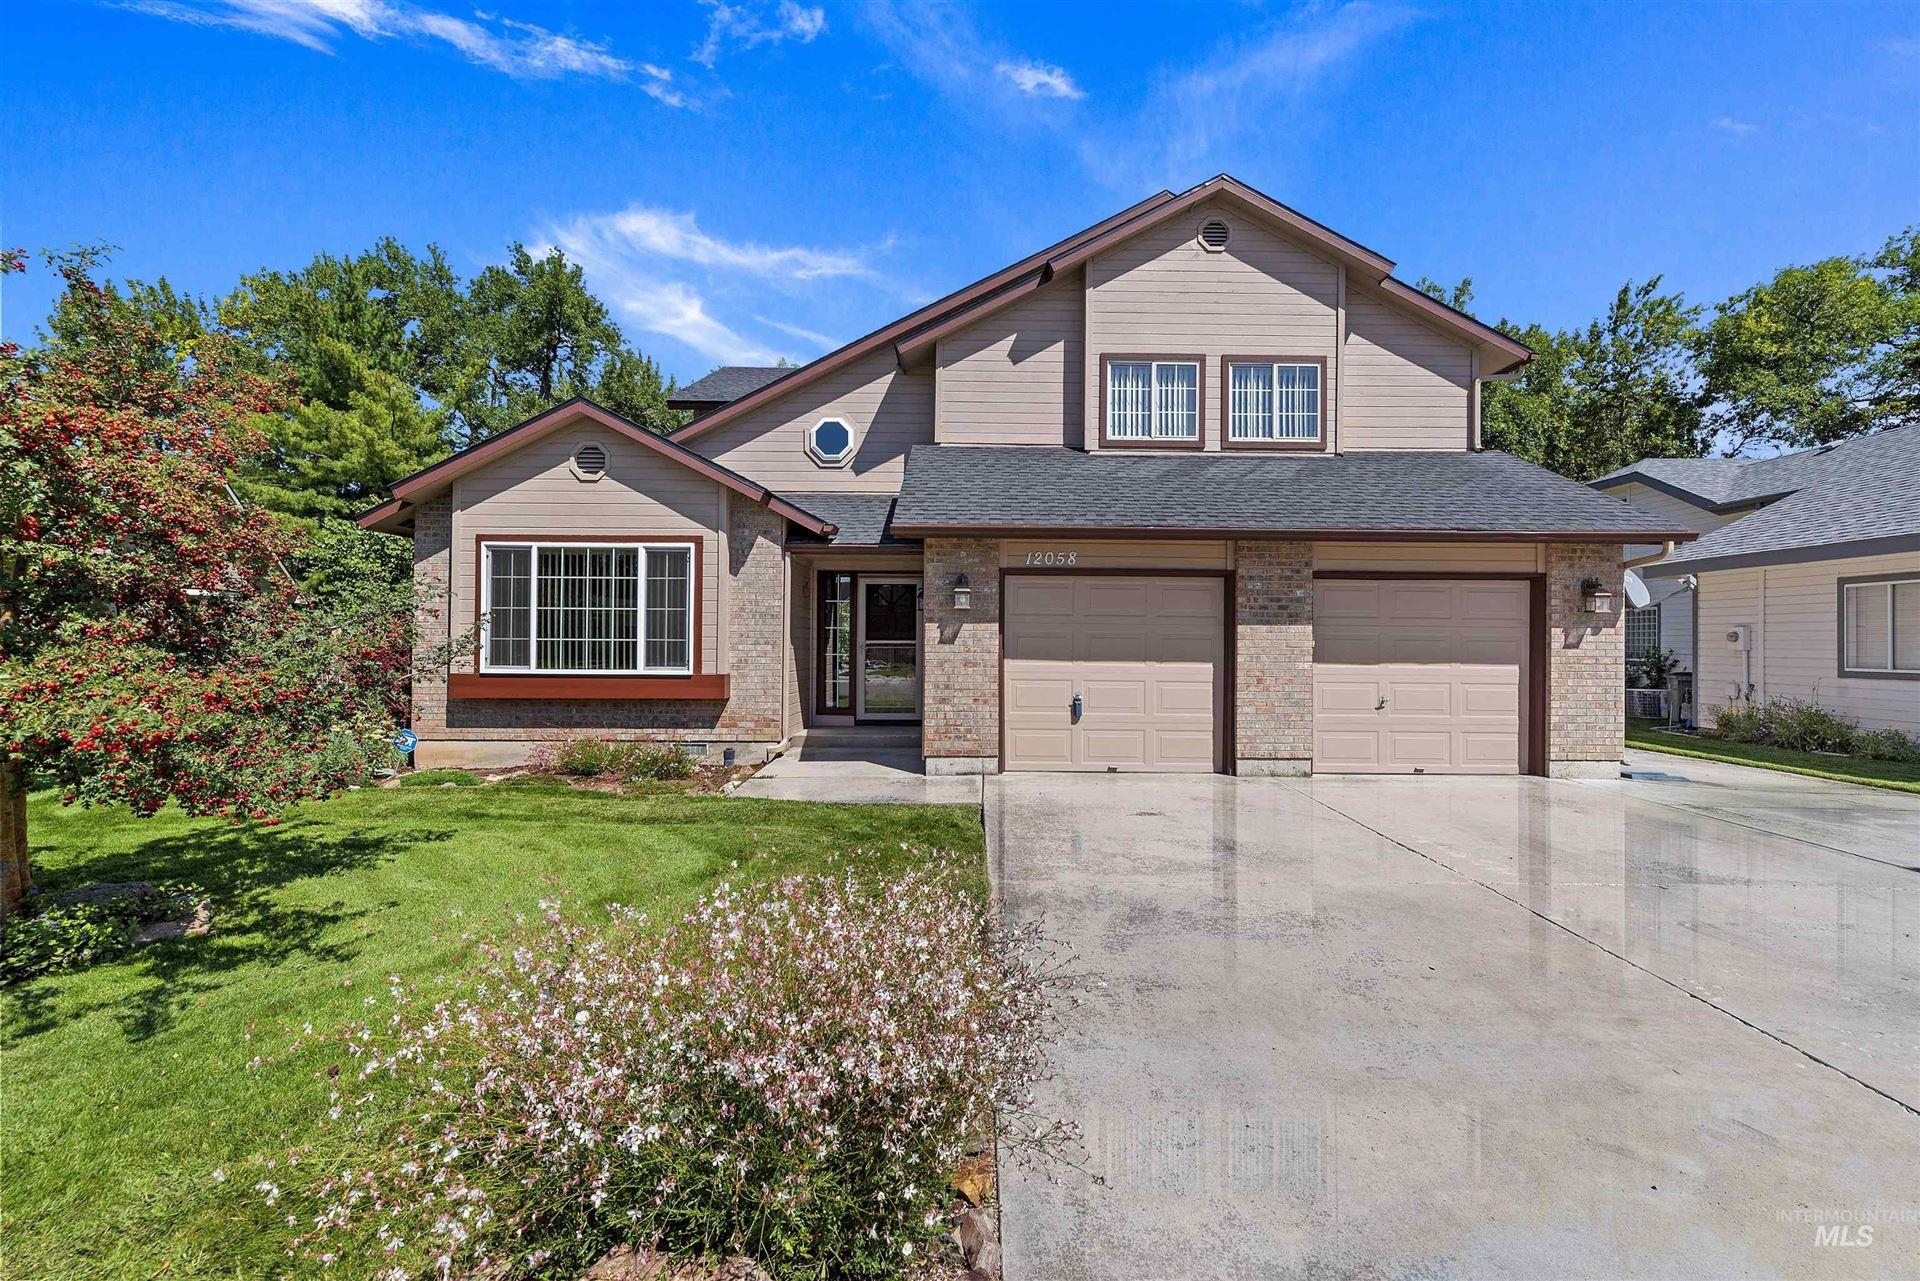 12058 W Stillwater Dr, Boise, ID 83713 - MLS#: 98815433